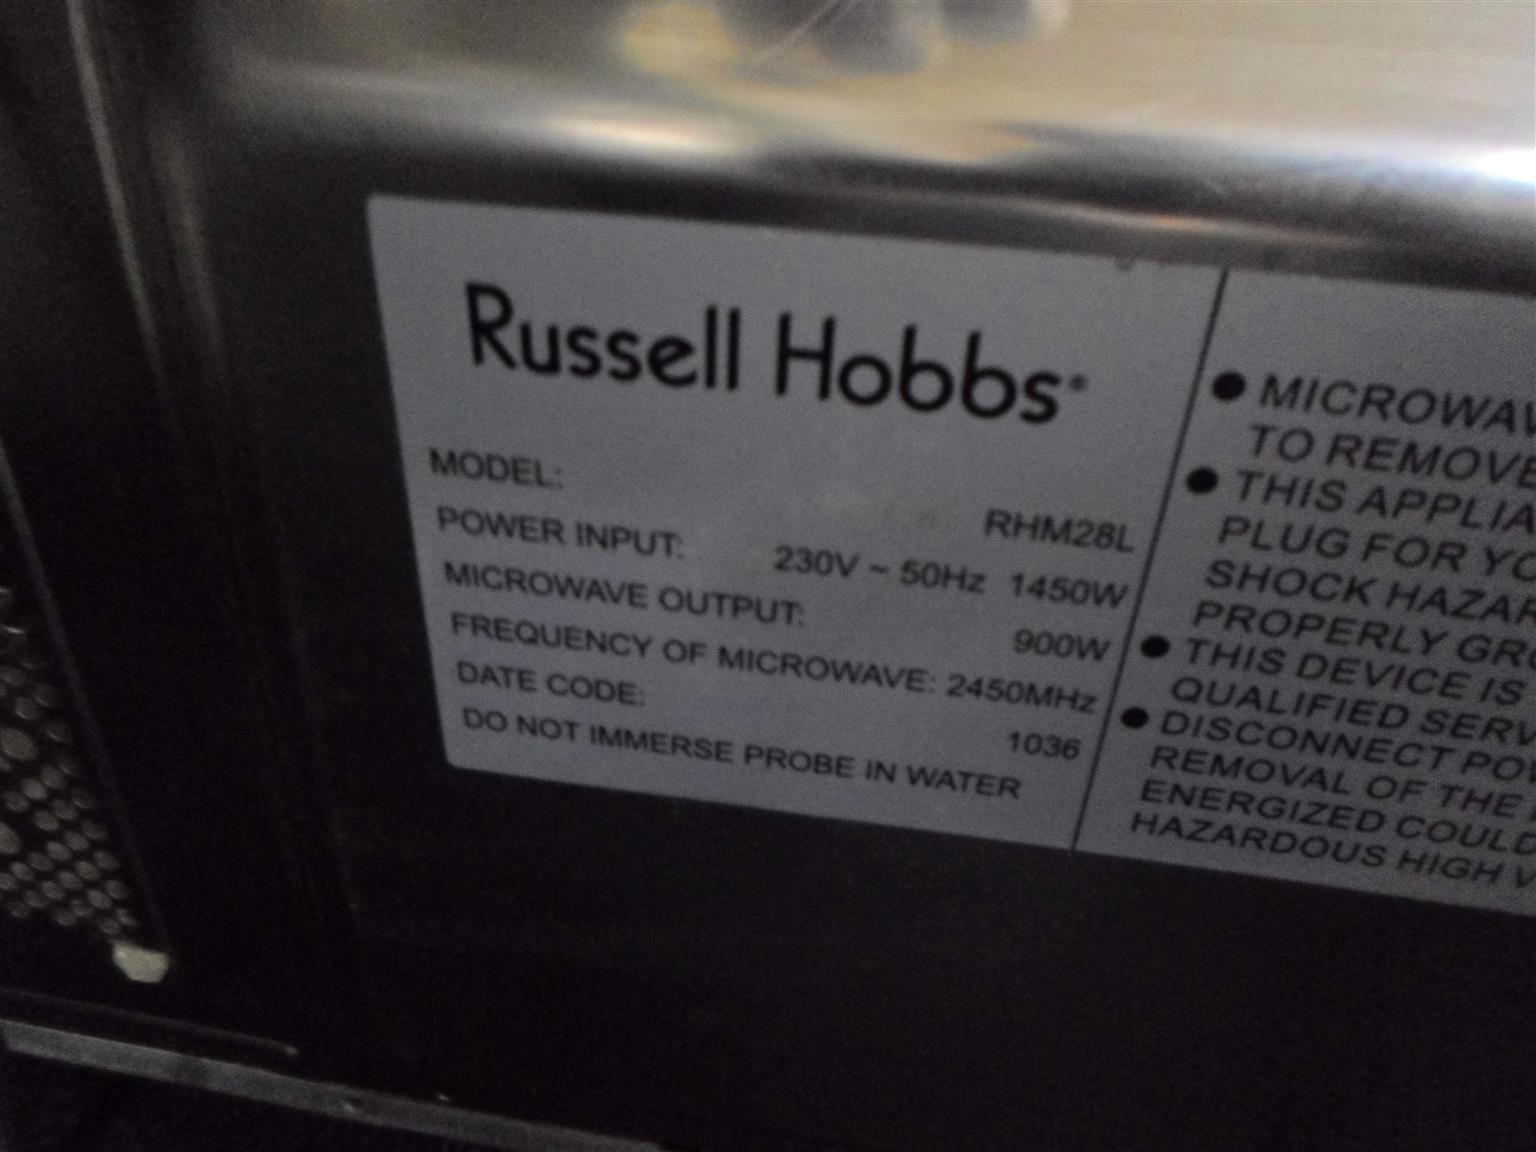 Russel Hobbs 28L Microwave